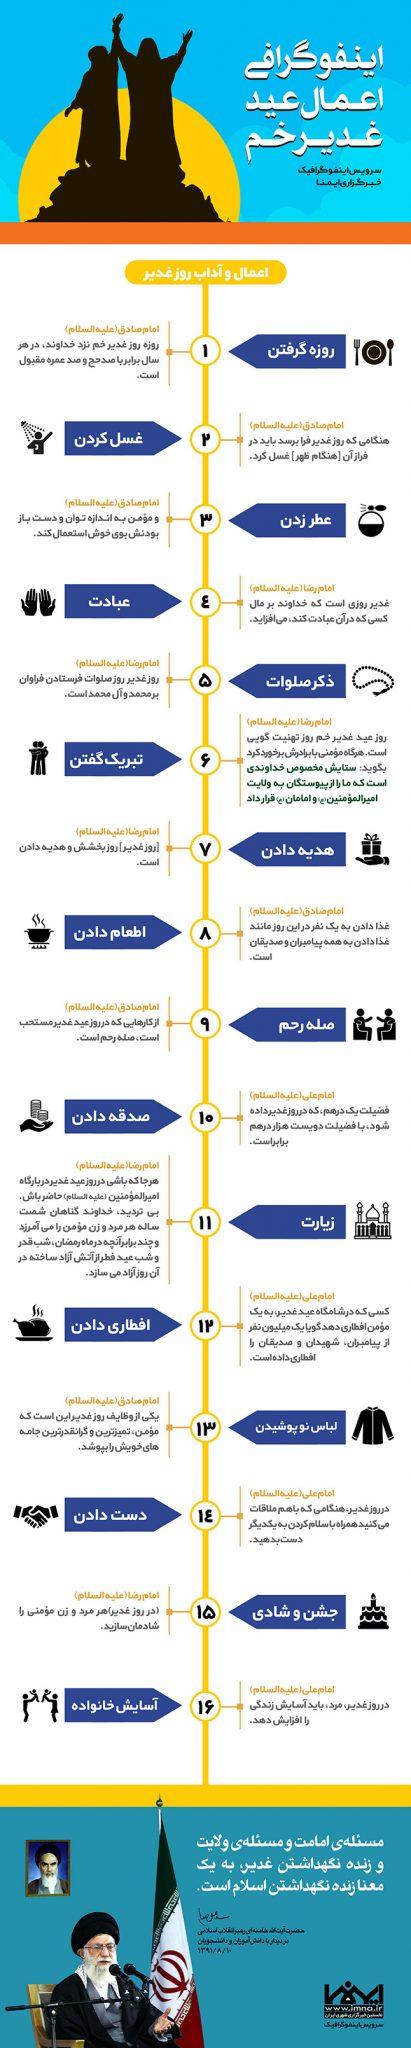 اینفوگرافیک اعمال عید غدیر